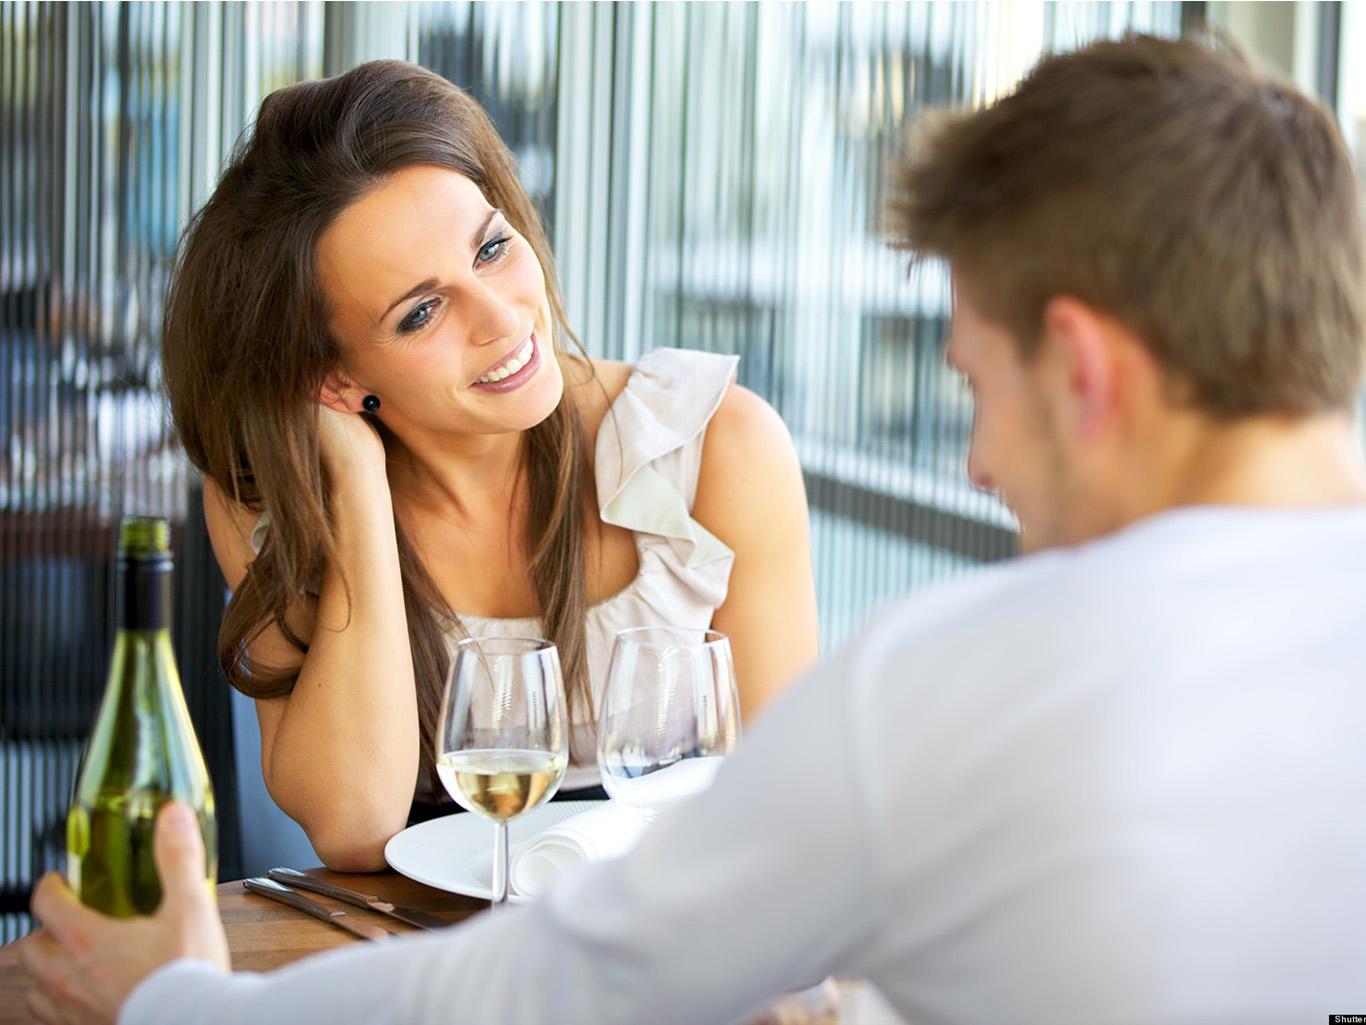 Обсуждения о первом сексе